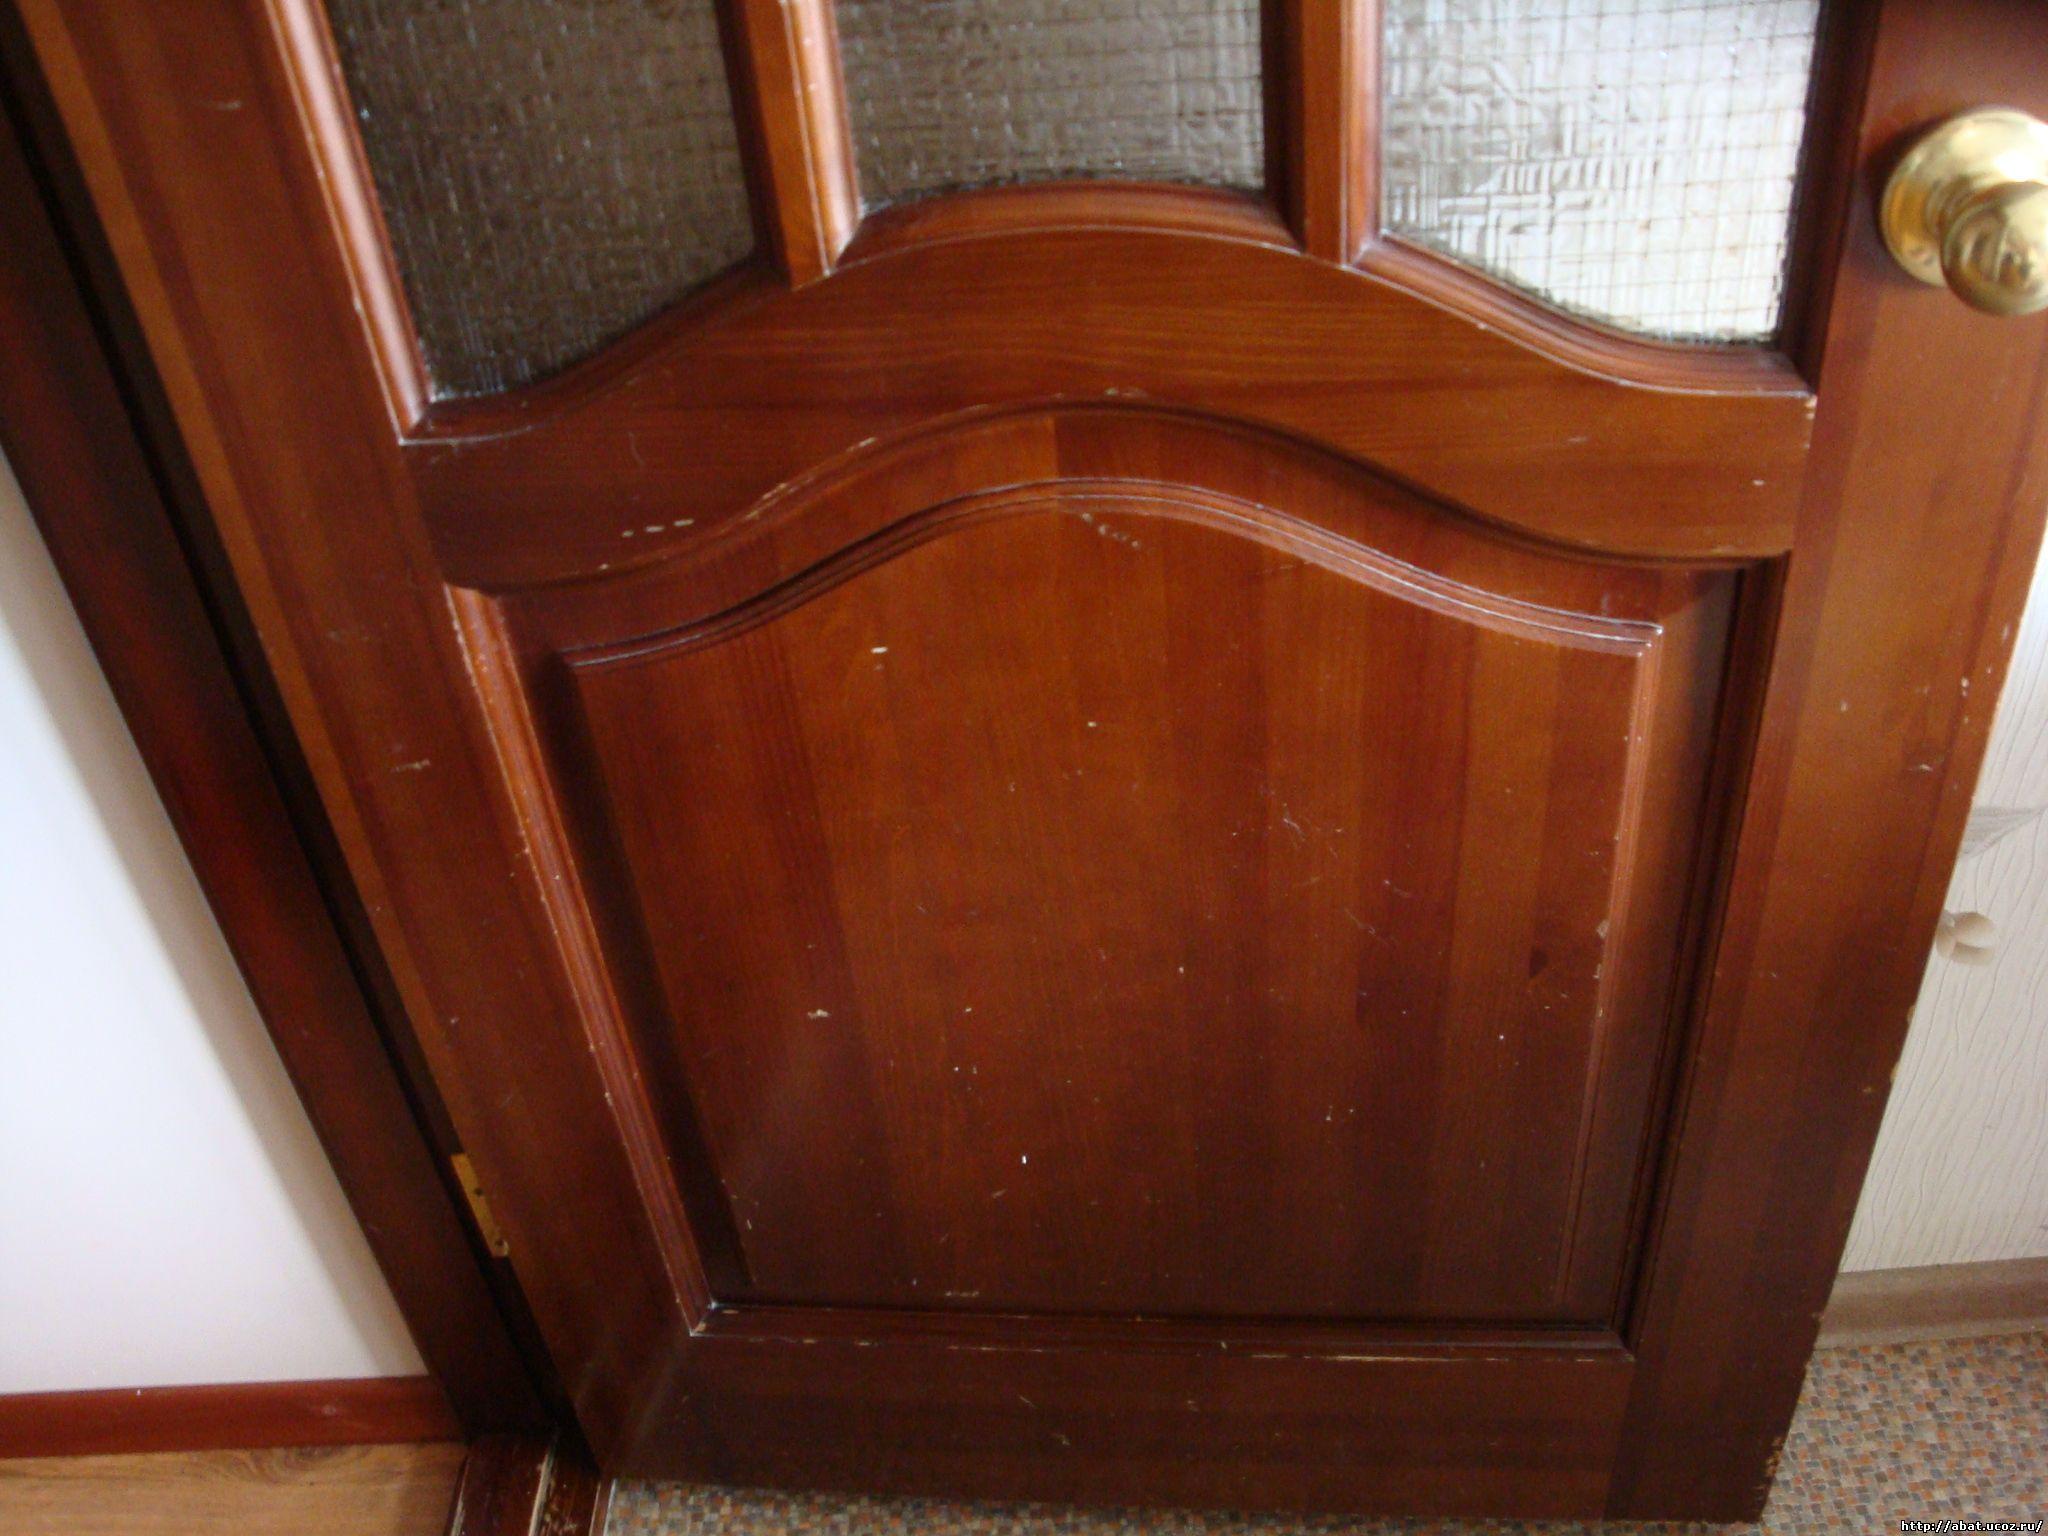 Реставрация межкомнатных дверей (29 фото как обновить)